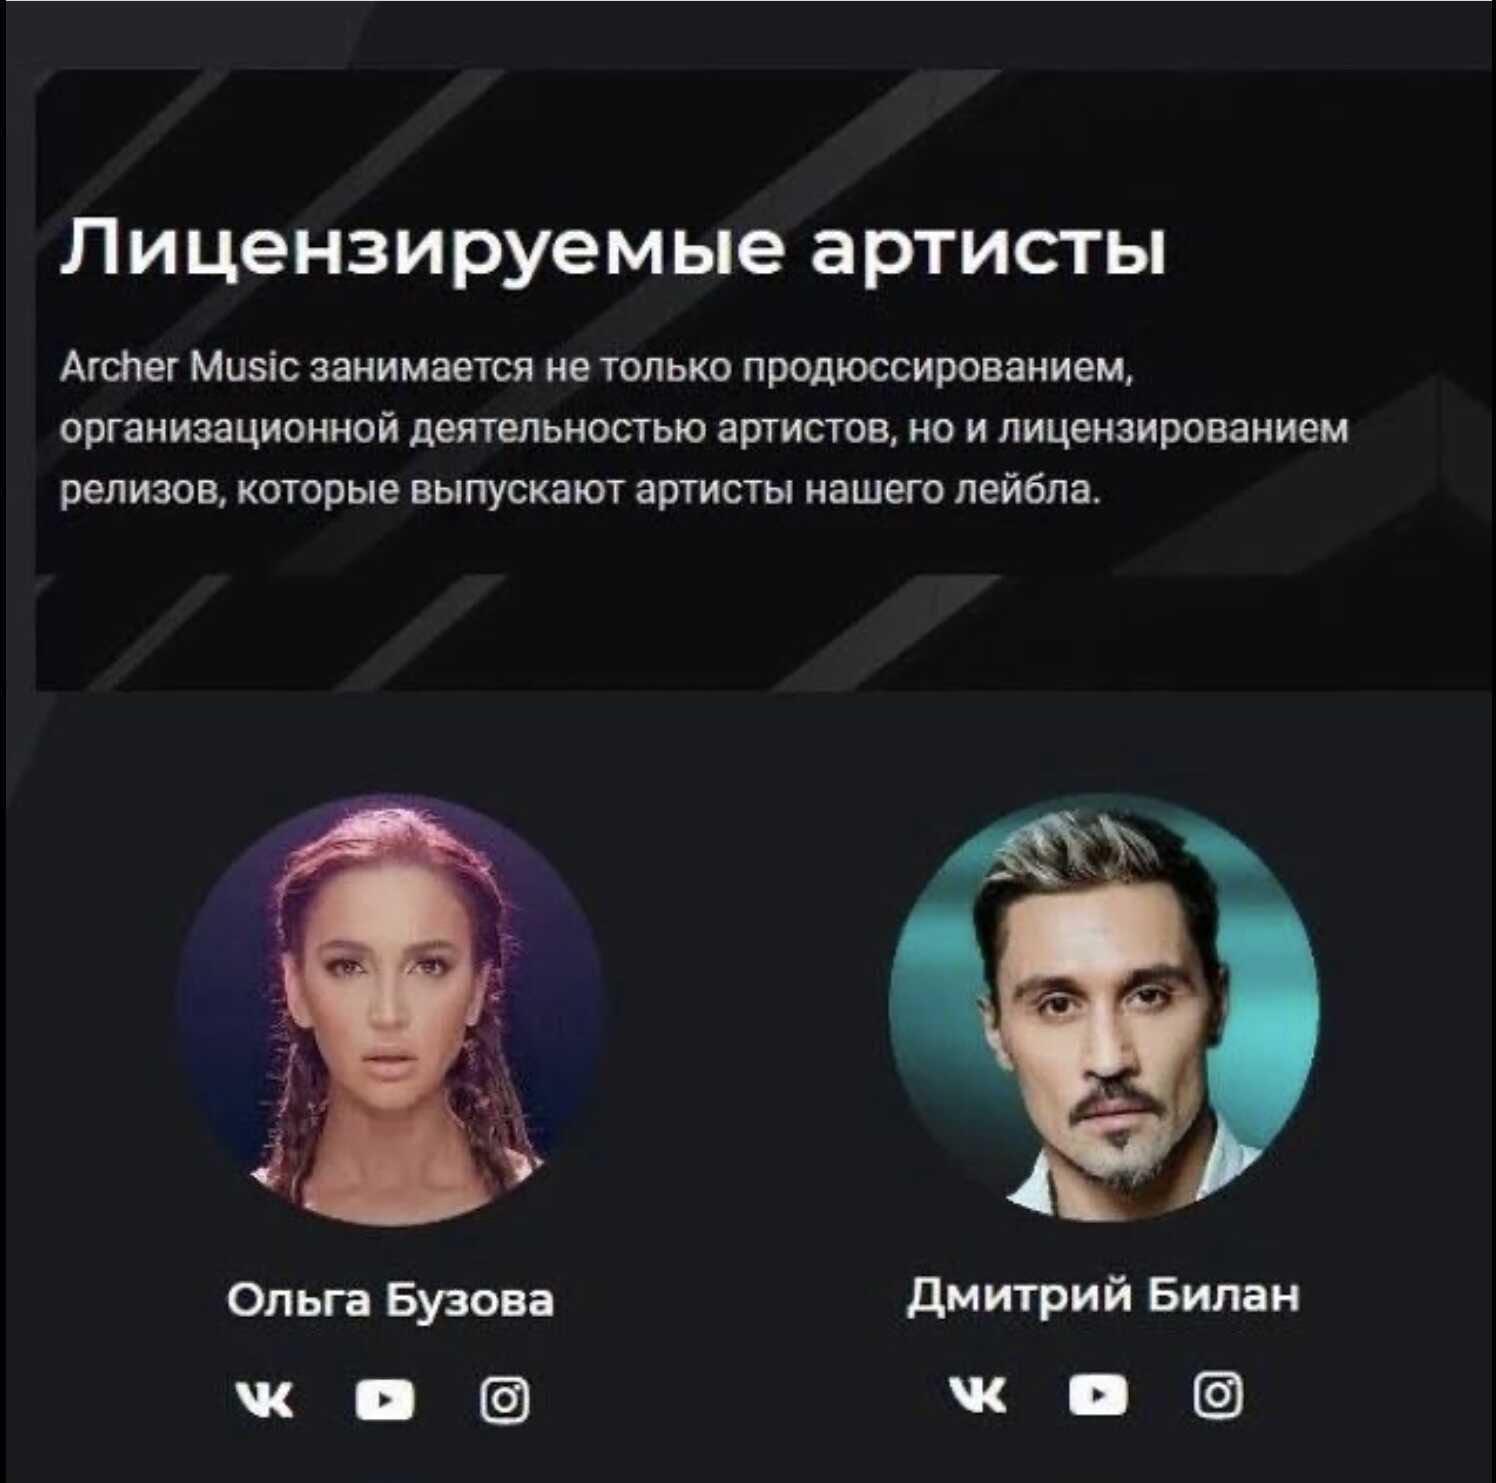 Dima Bilan left Yana Rudkovskaya for producer Olga Buzova